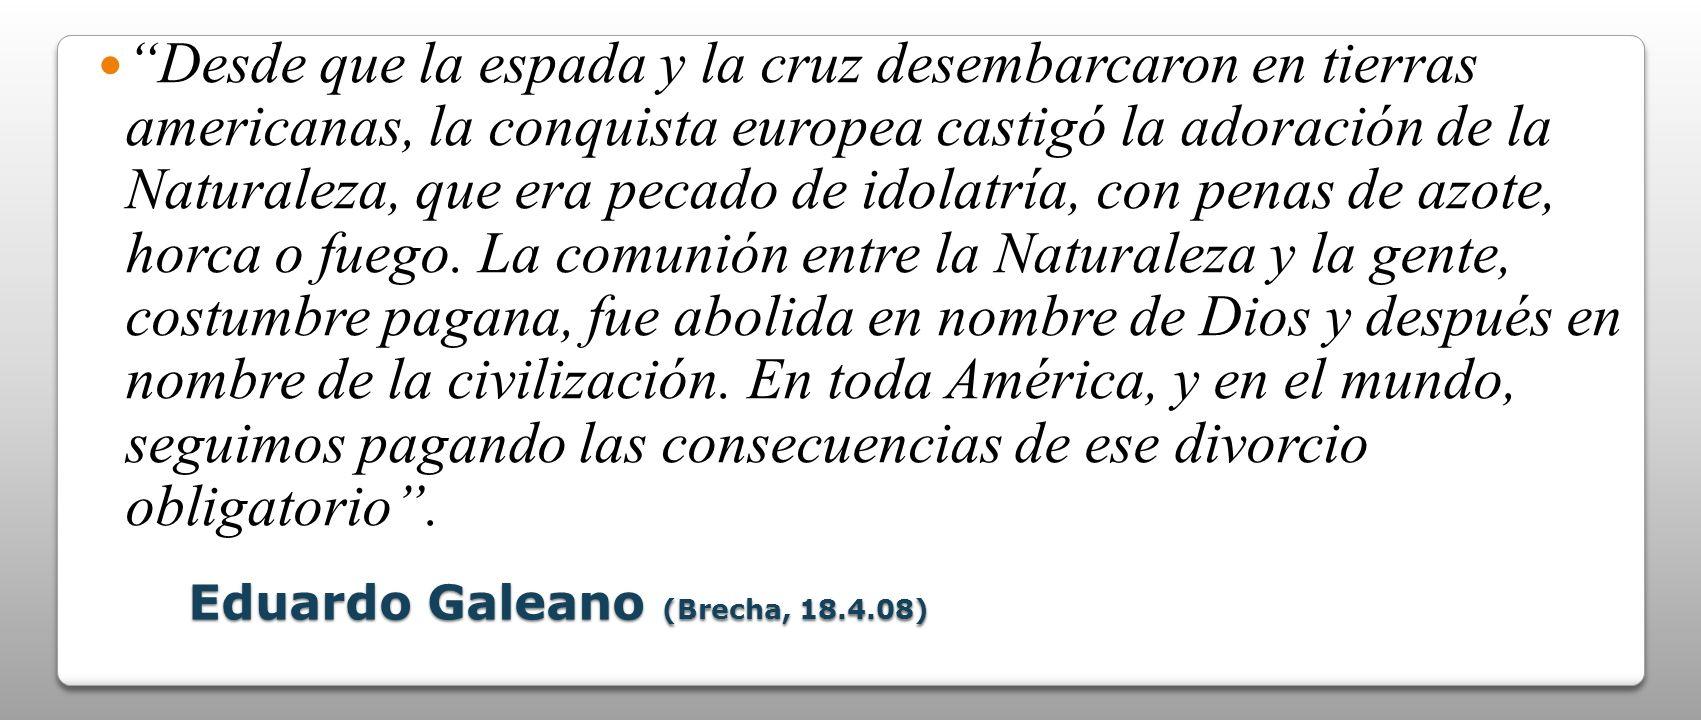 En los albores de la Independencia, frente al terremoto en Caracas, que ocurrió en 1812, Simón Bolívar pronunció una célebre frase, que marcó la época: Si la Naturaleza se opone lucharemos contra ella y haremos que nos obedezca.